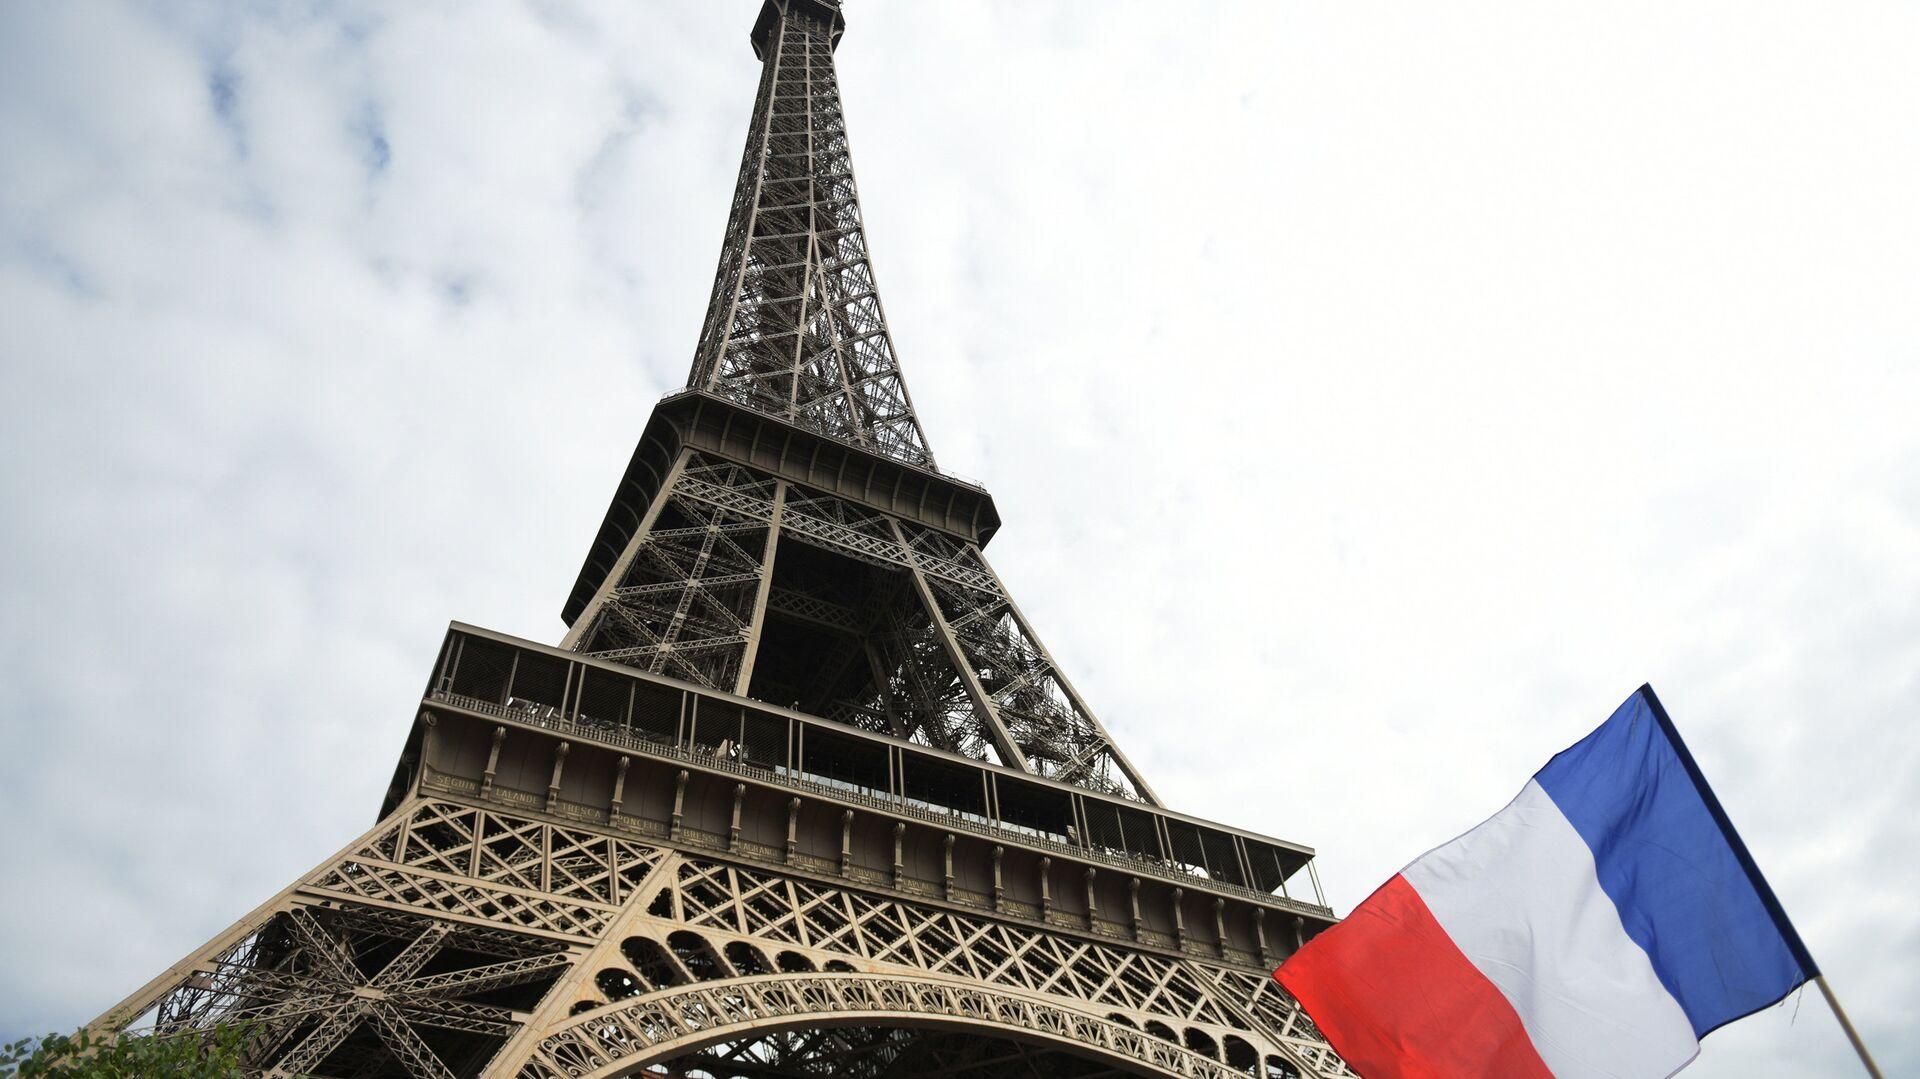 Эйфелева башня в Париже - РИА Новости, 1920, 22.10.2020